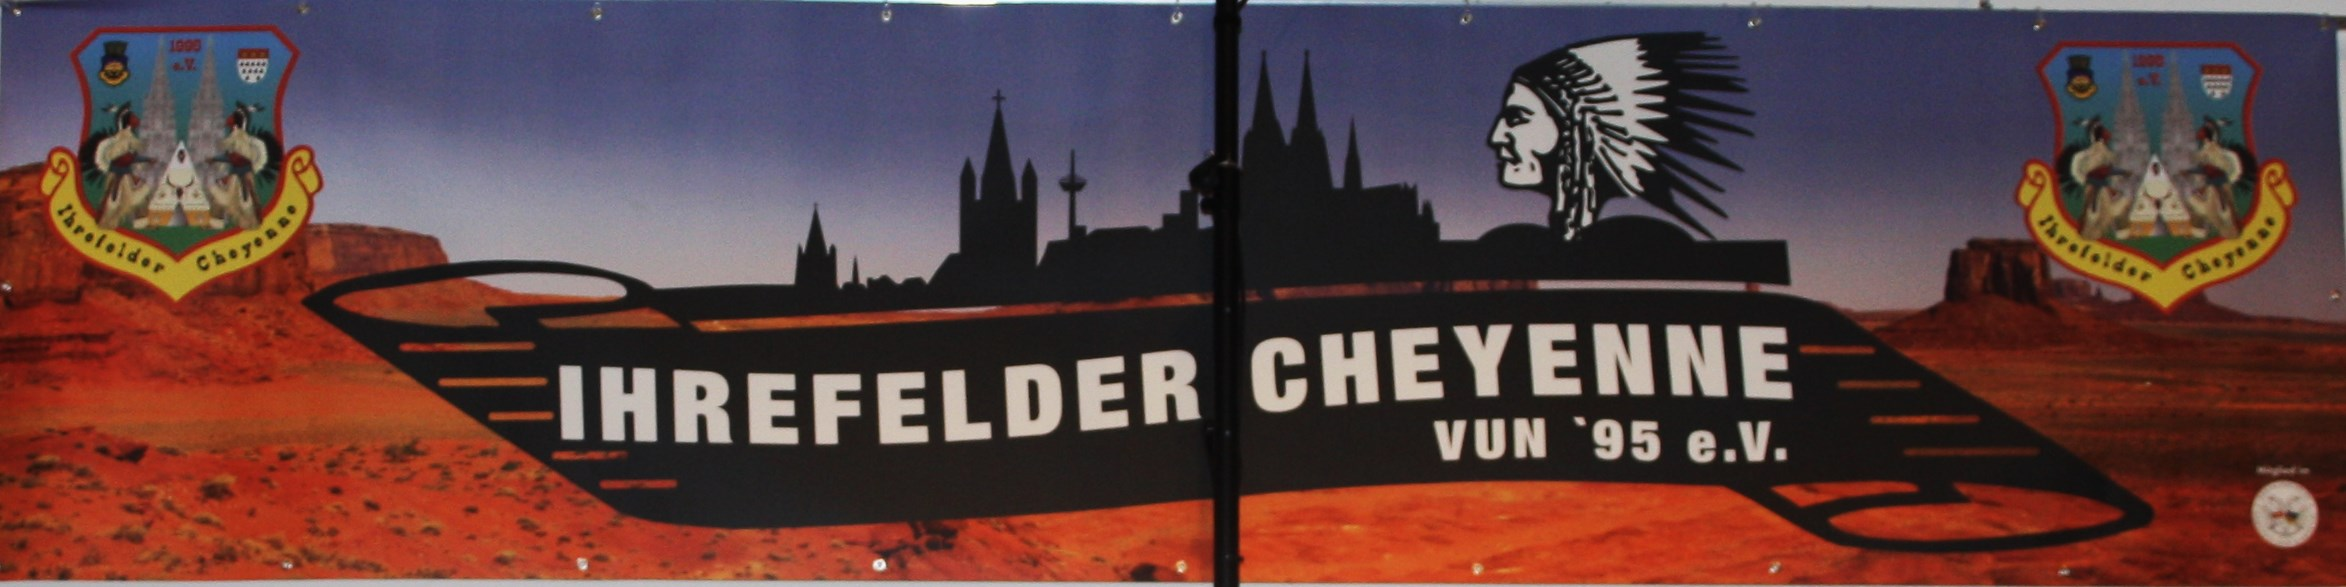 Ihrefelder Cheyenne